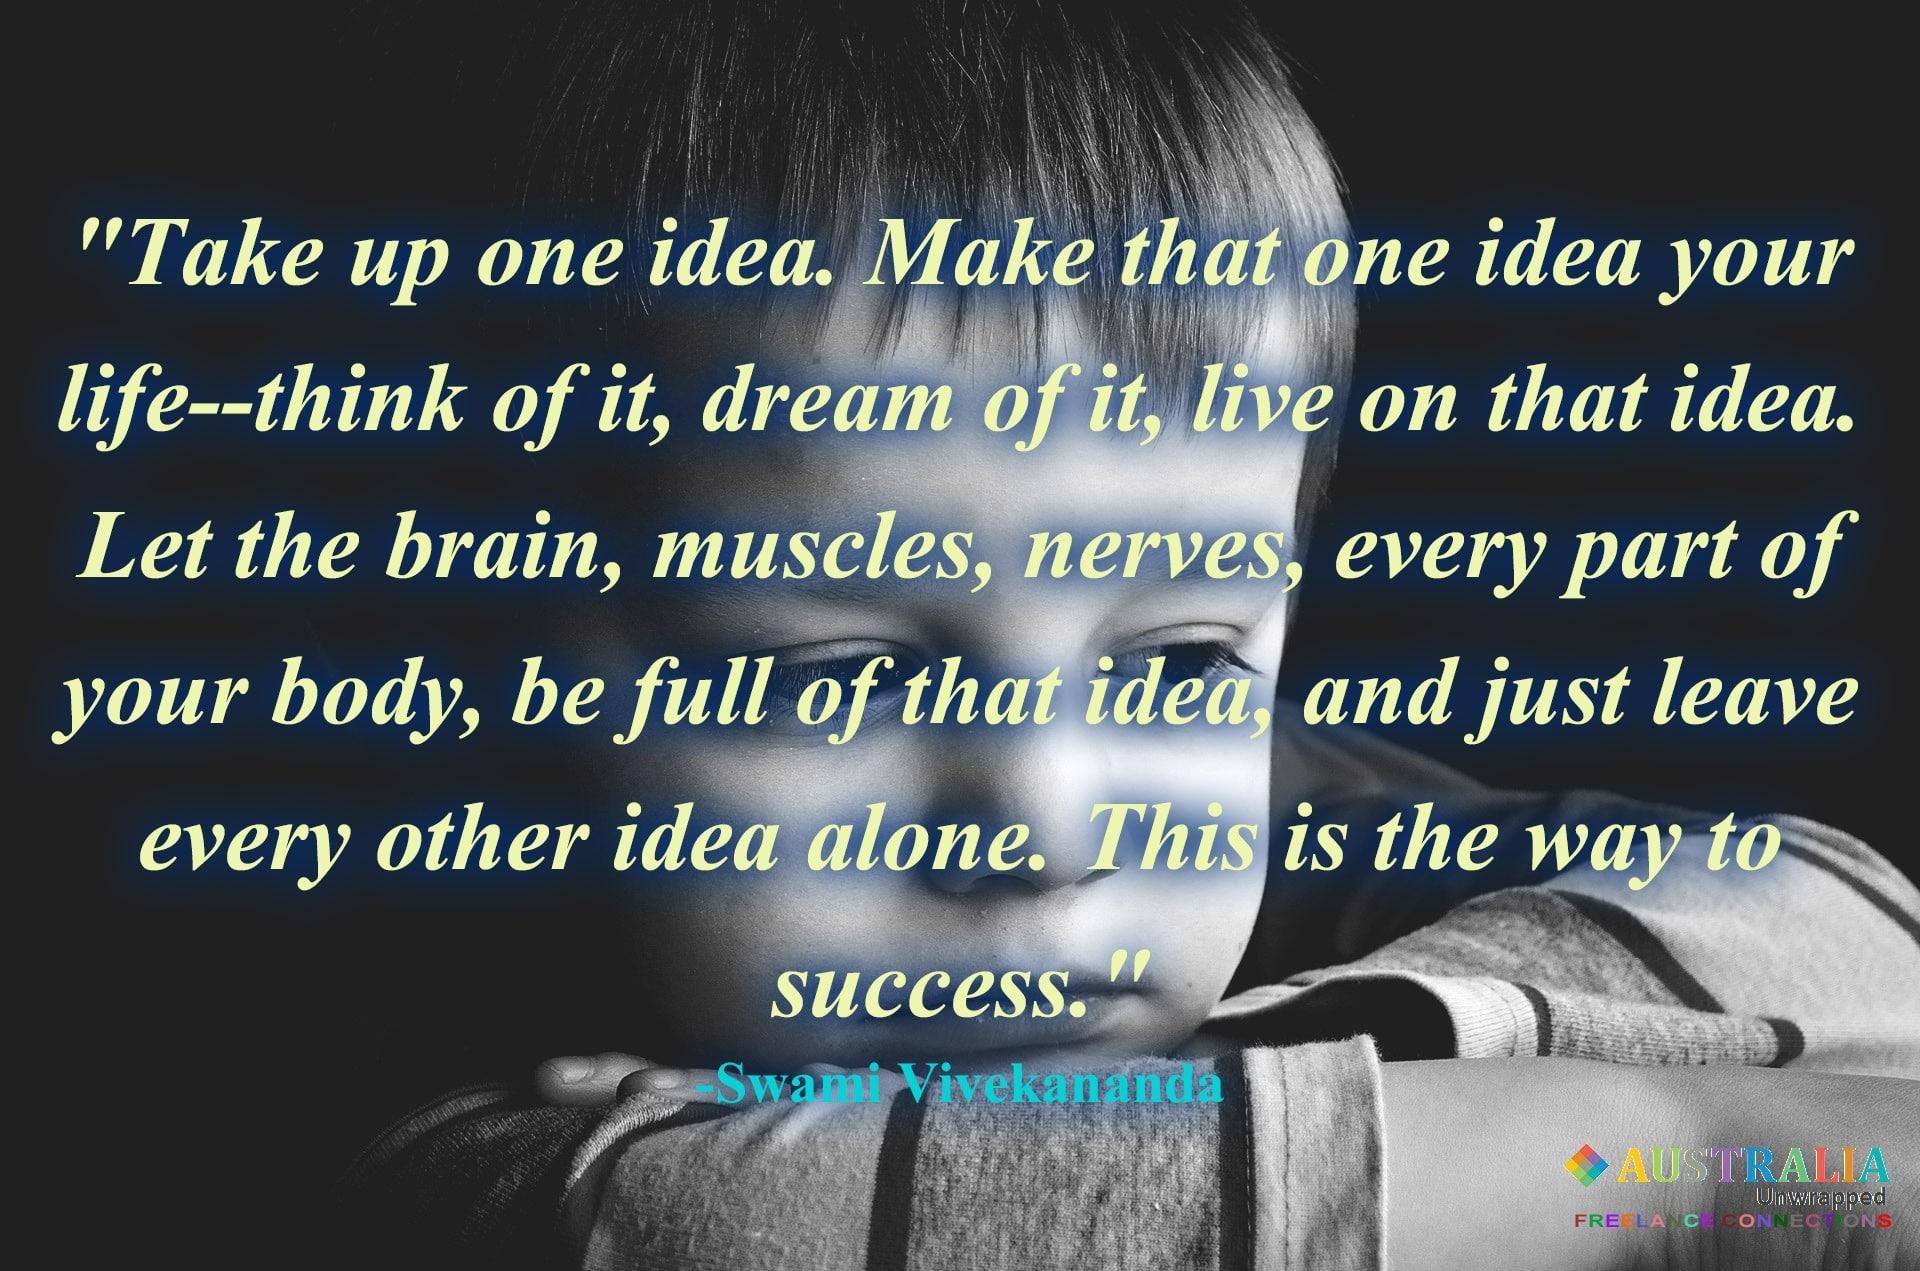 Way to success - inspirational life quotes